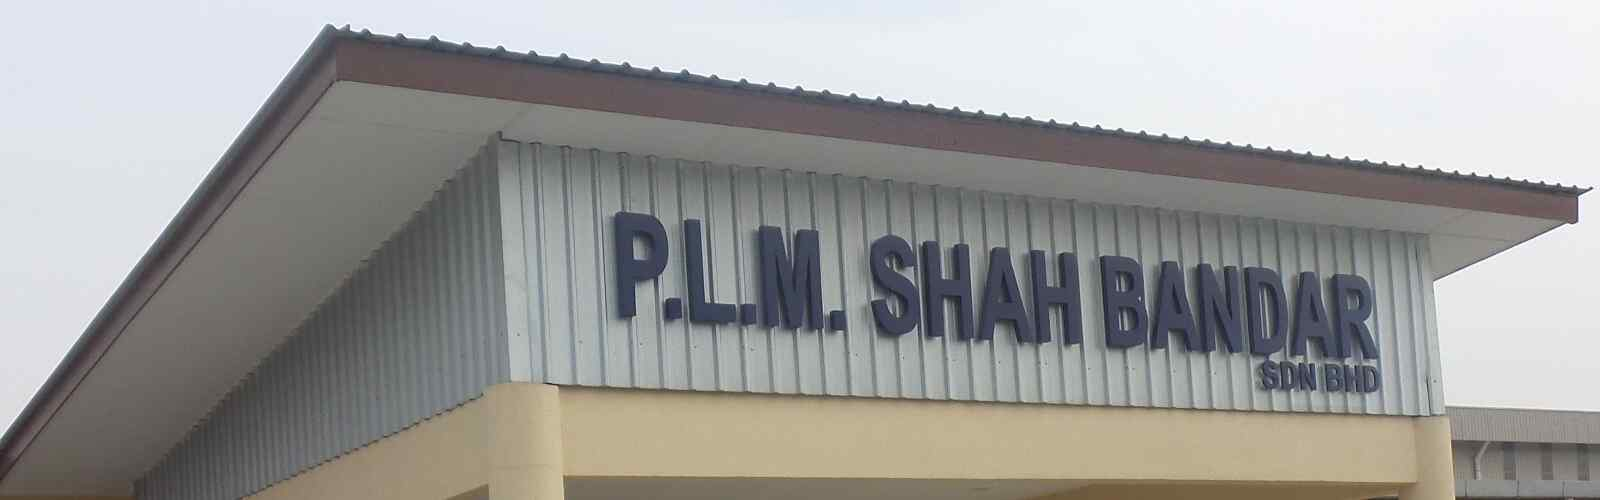 plm-shah-bandar-sb